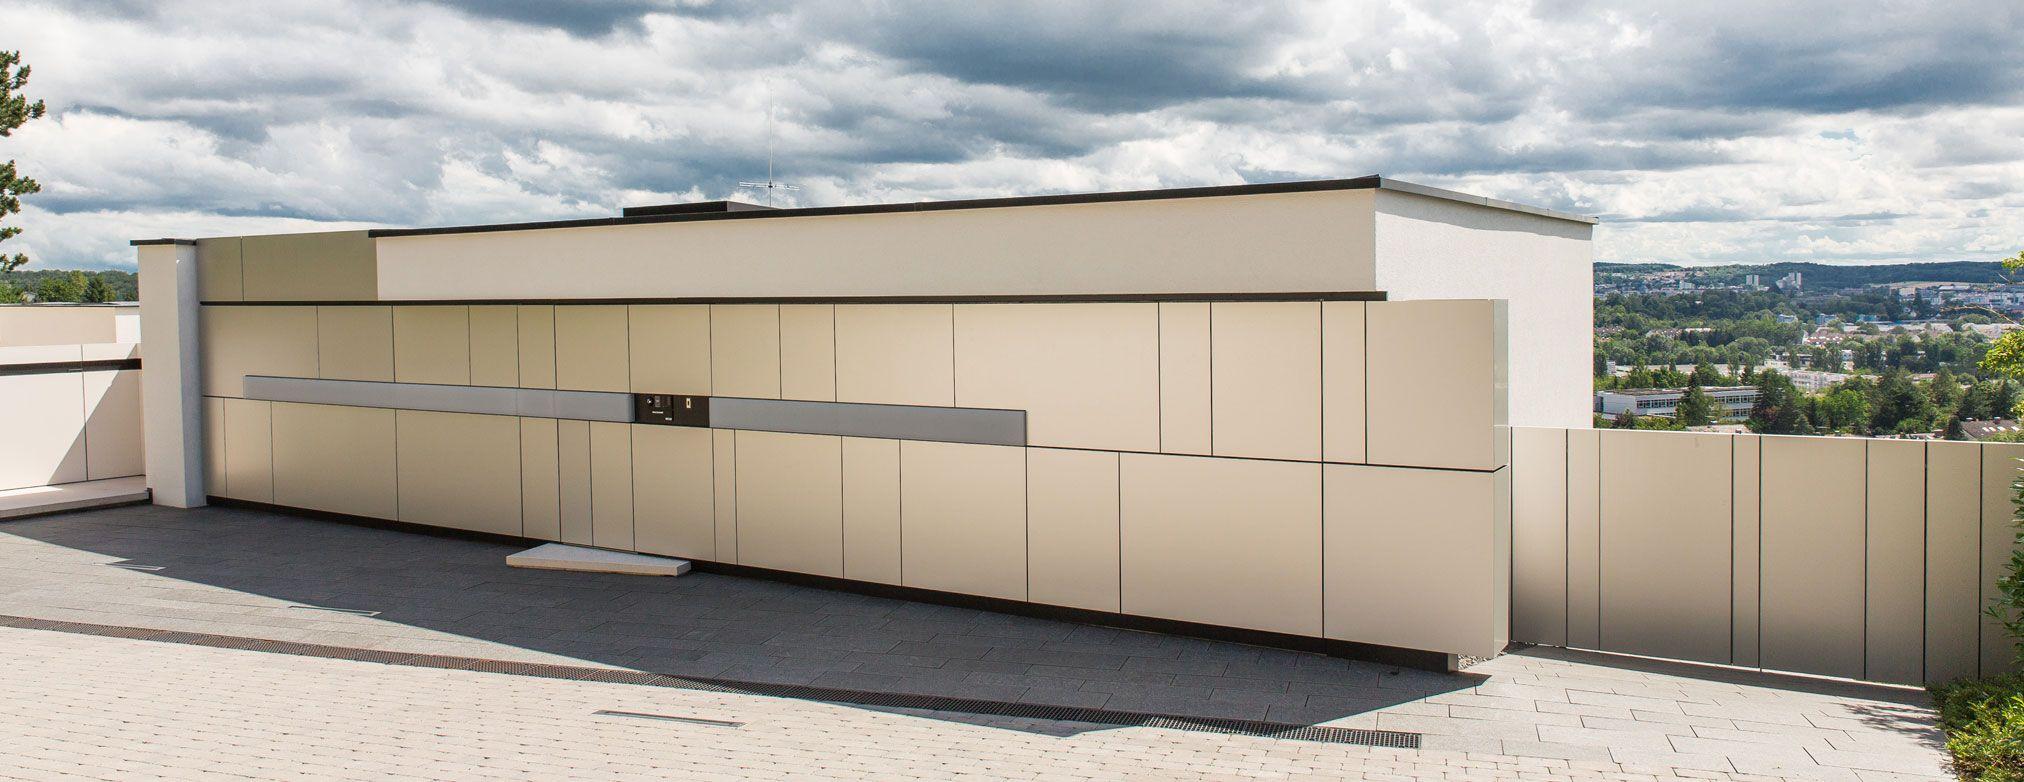 Fassadenbündige Garagentore, Kipptore und Sektionaltore | Hausbau ...